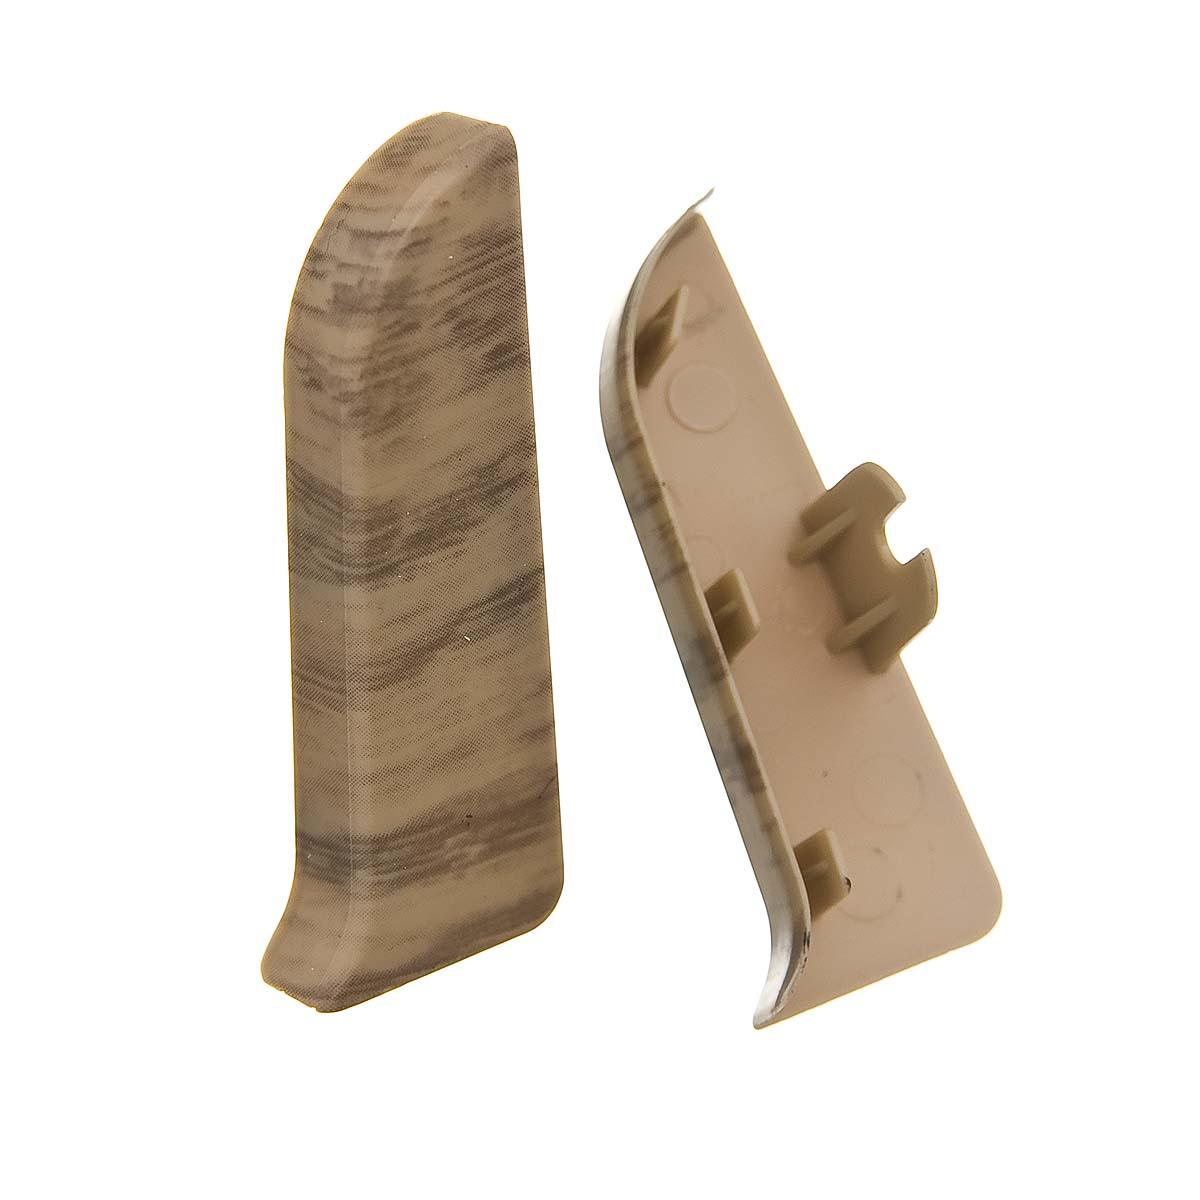 Заглушки торцевые (левая+правая) к плинтусу 68 мм дуб северный Nexus